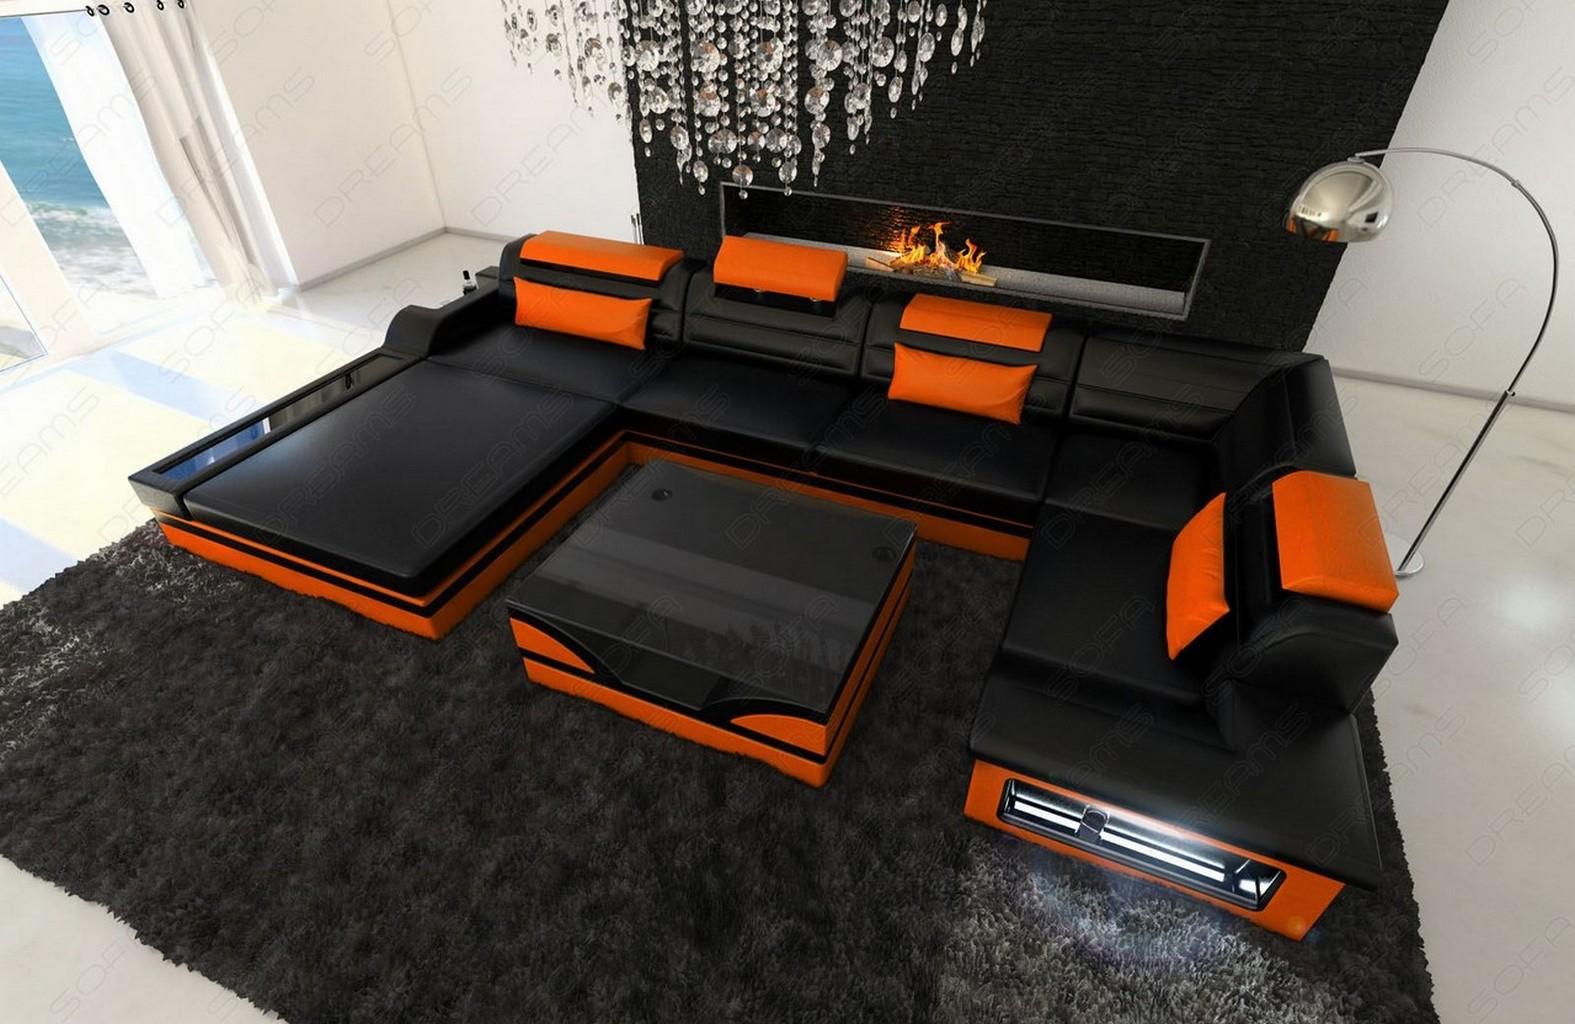 design leather sofa mezzo with led lights black orange. Black Bedroom Furniture Sets. Home Design Ideas